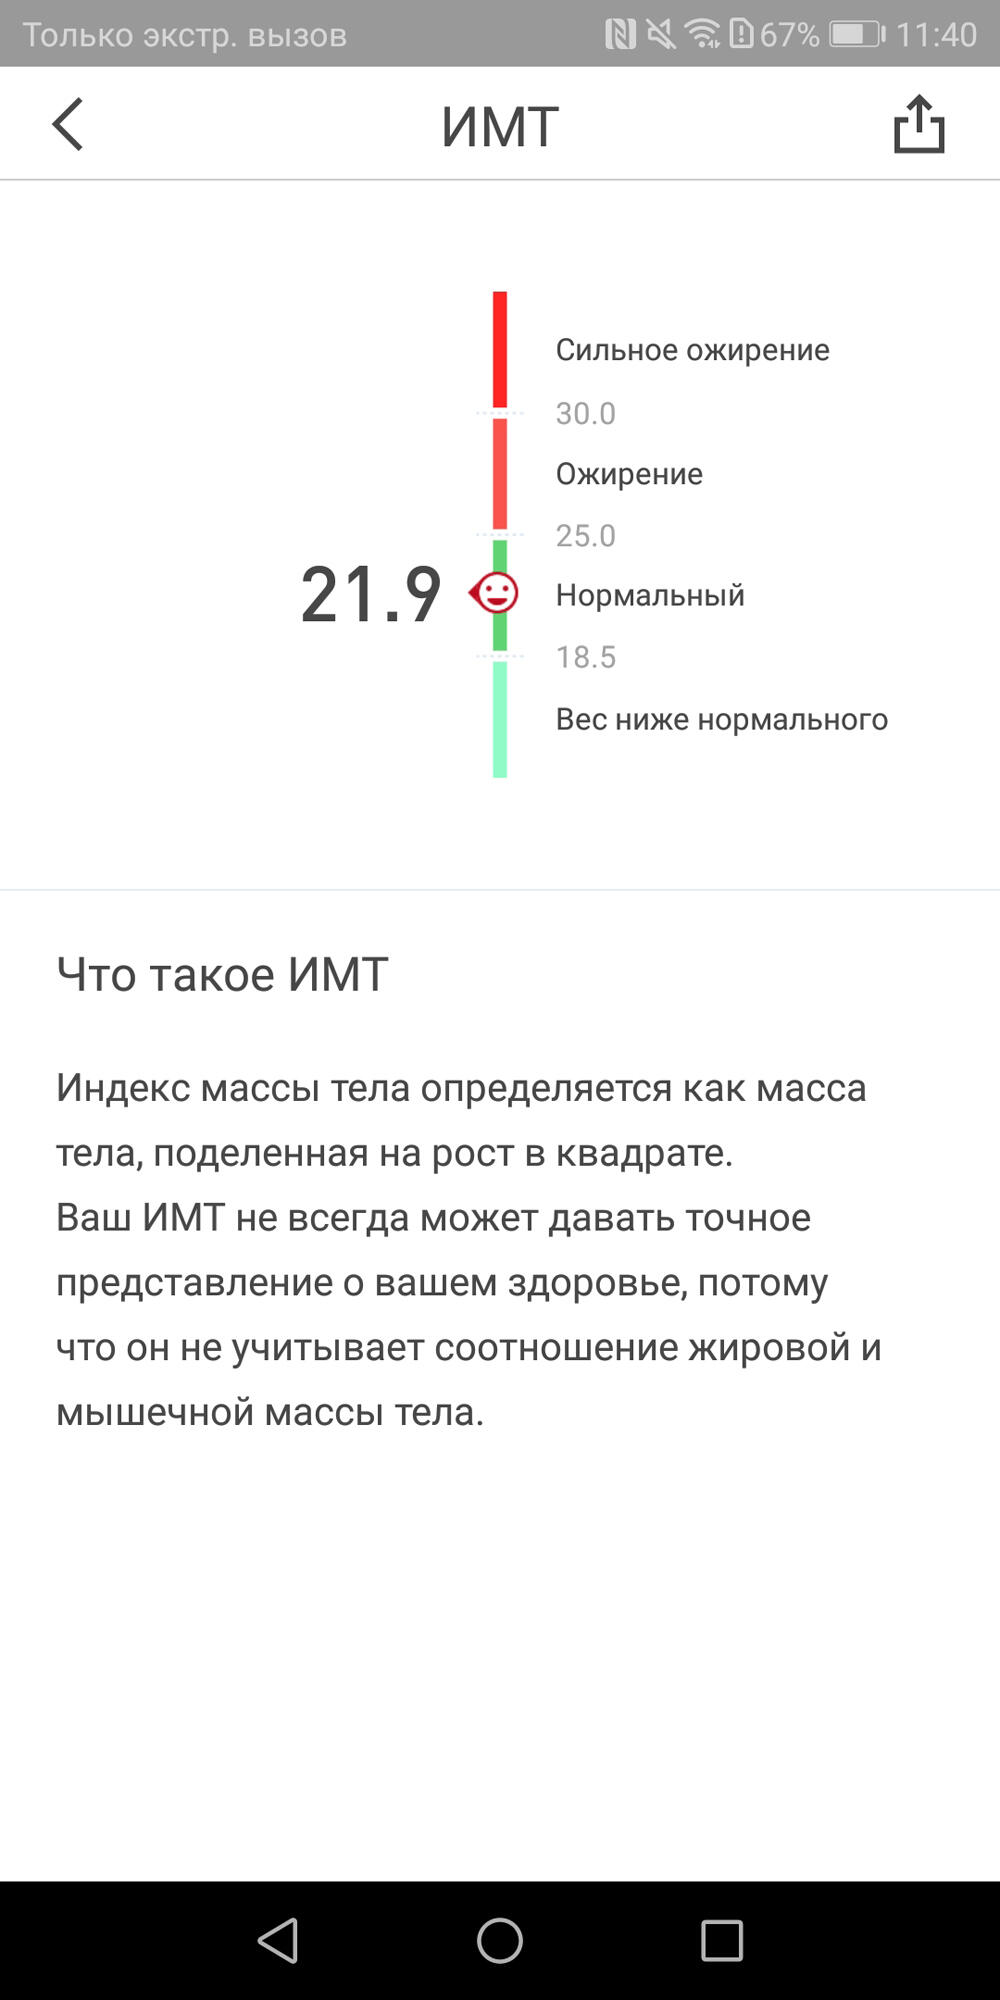 Bytovaya Tehnika - Kontrol za vesom v odin klik. Obzor umnyh vesov Picooc S3 Lite.